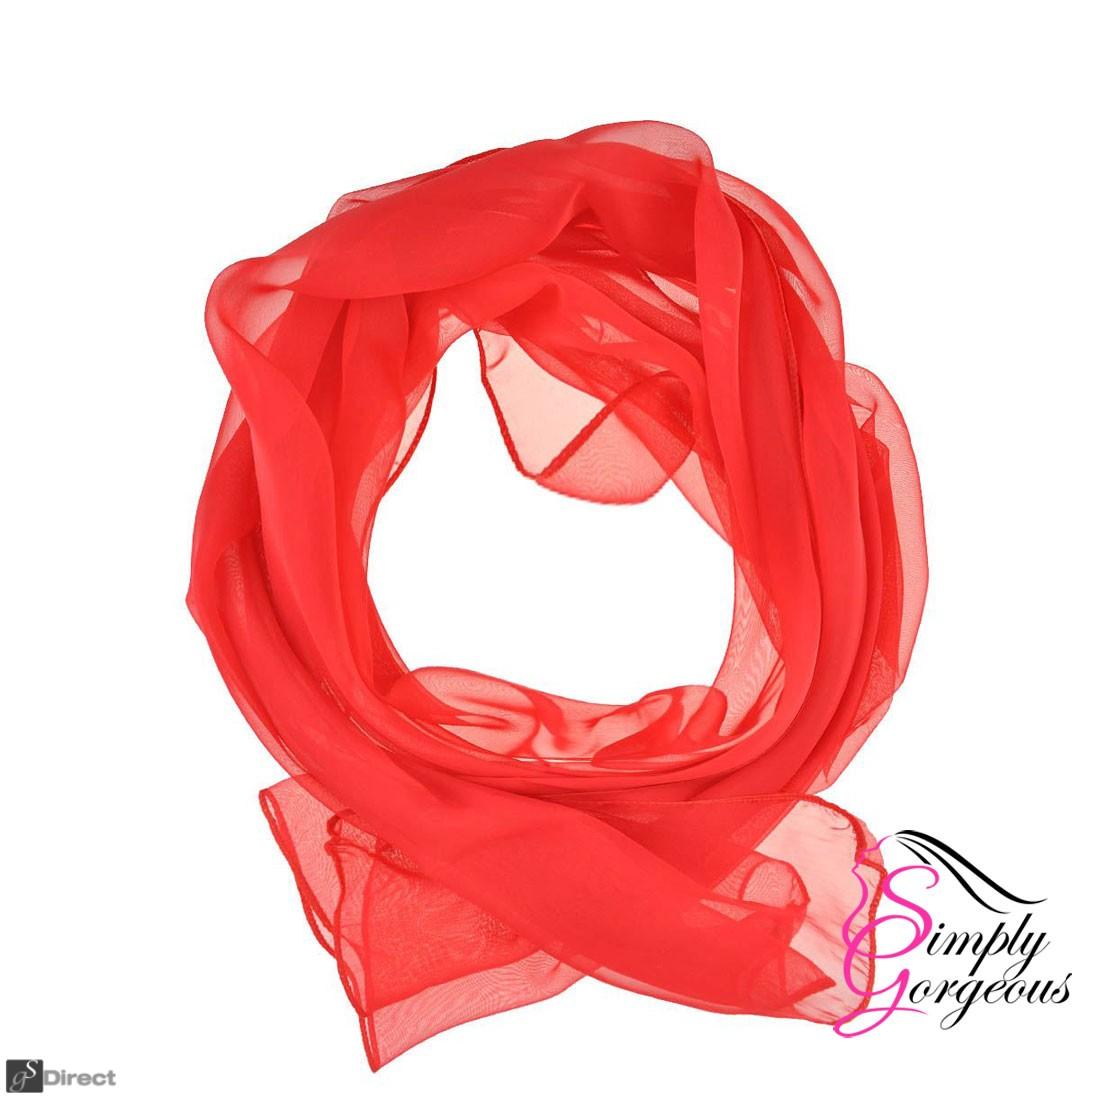 Classic Plain Chiffon Scarf Silk Feel Soft Neck lady Shawl Hijab Scarves - Red